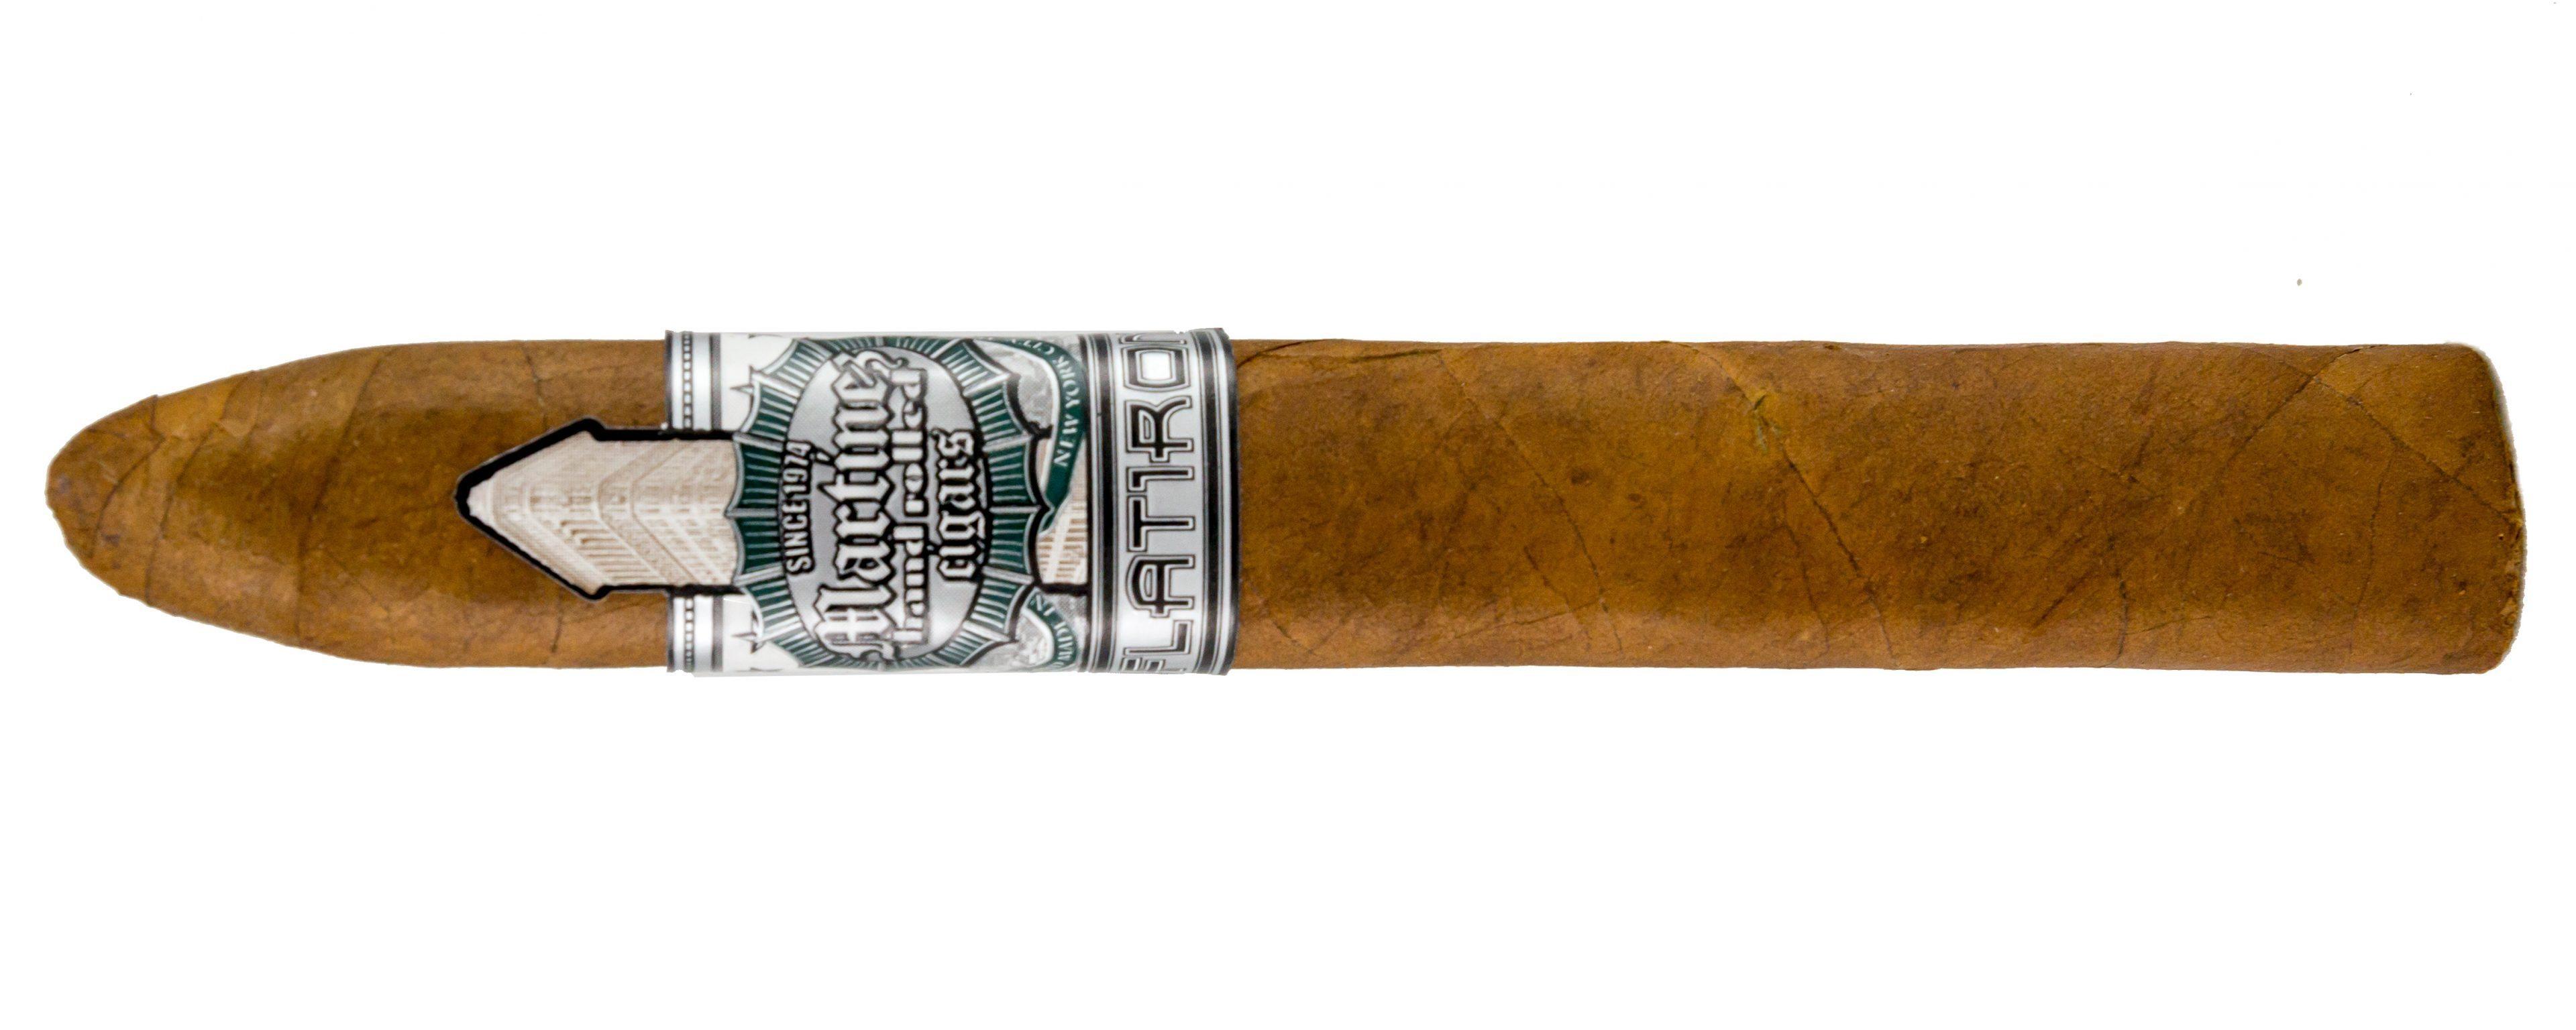 Blind Cigar Review: Martinez | Flatiron #2